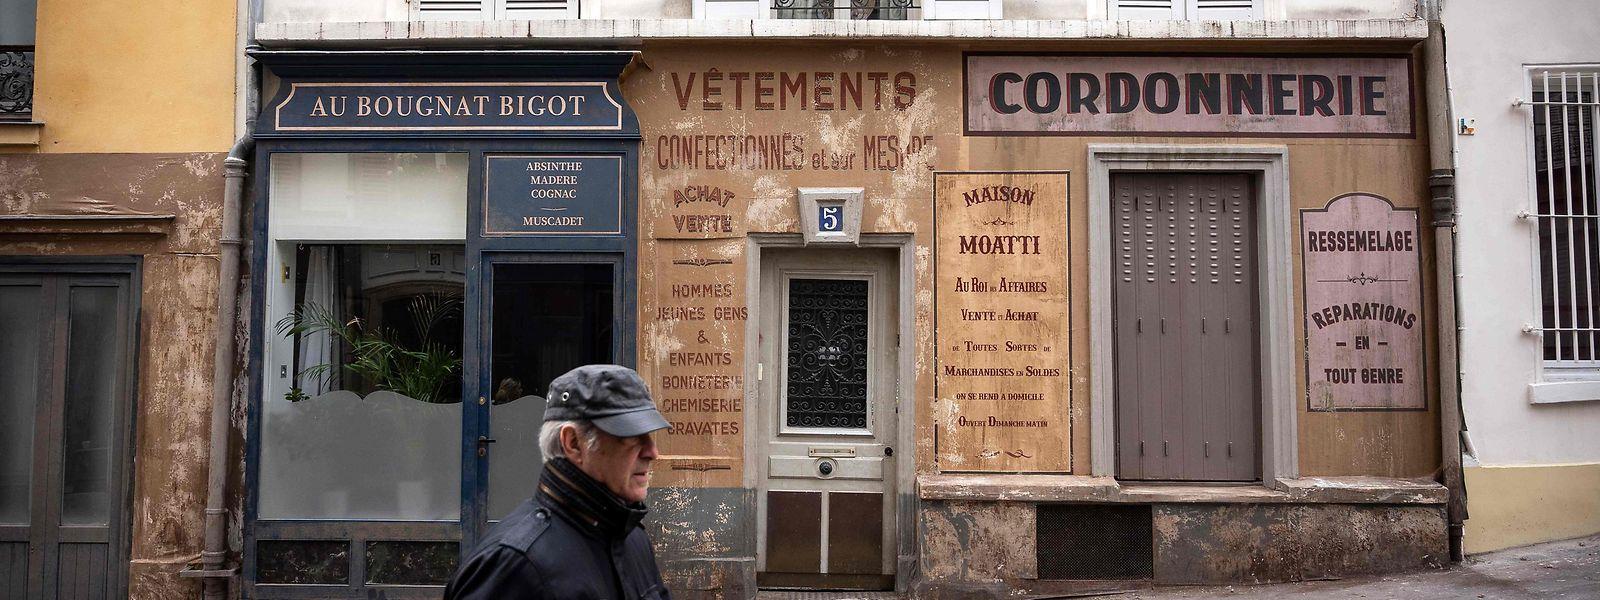 Deux rues du quartier de  Montmartre se retrouvent plongées dans le Paris des années 1940, occupé par les Nazis.